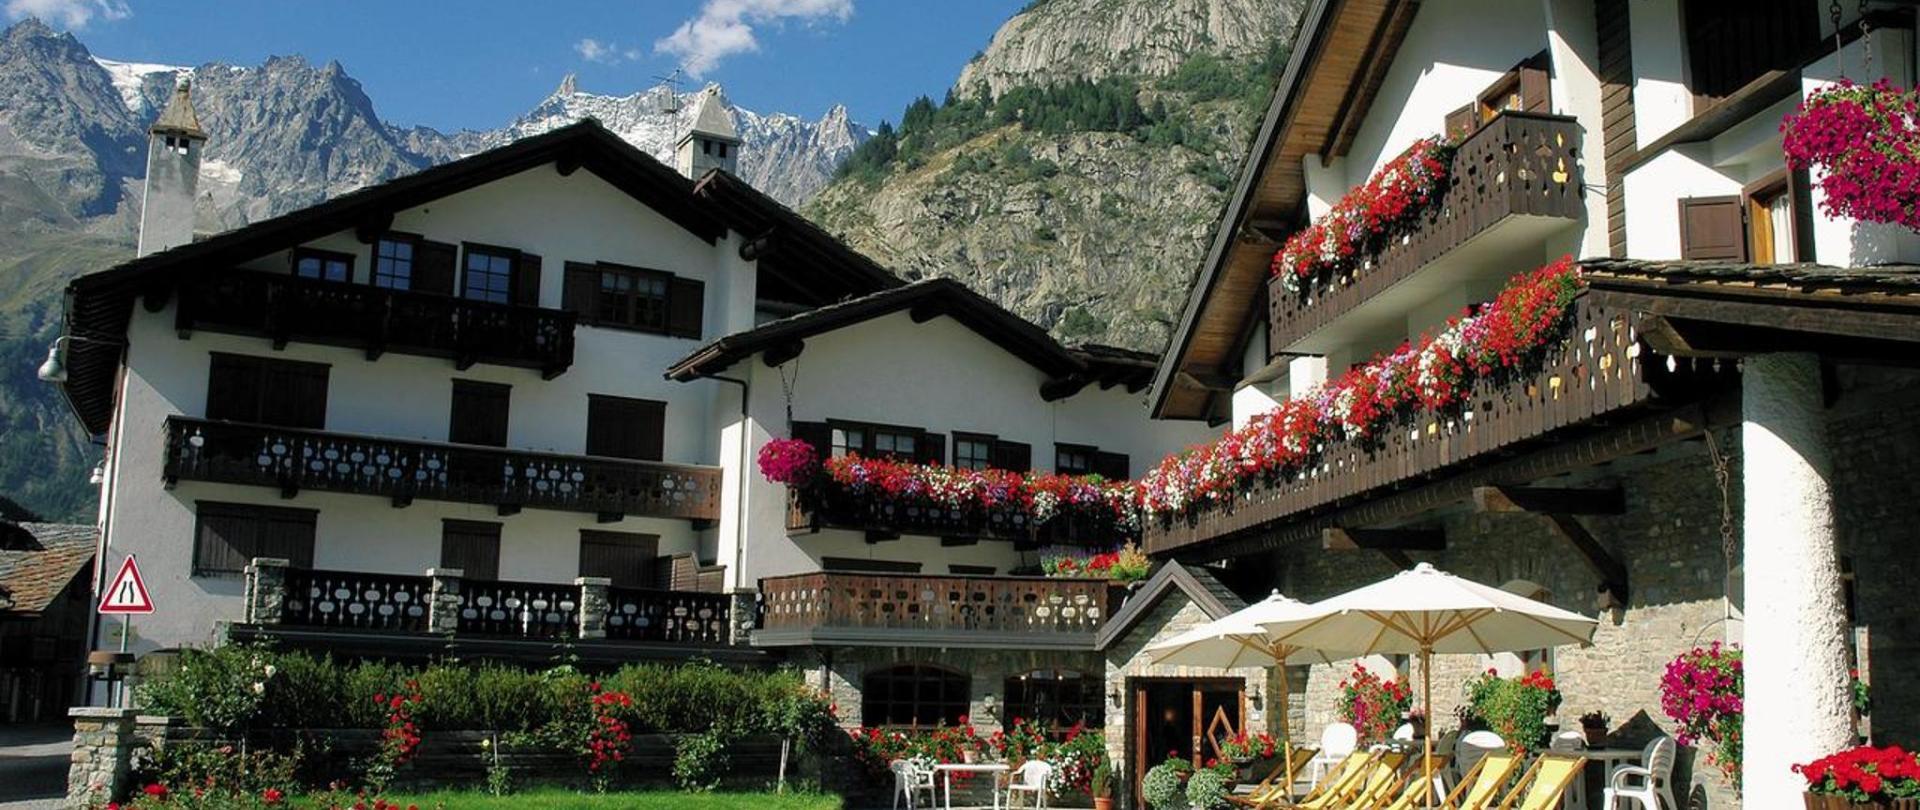 Hotel Del Viale - Sito ufficiale | Hotel a Courmayeur